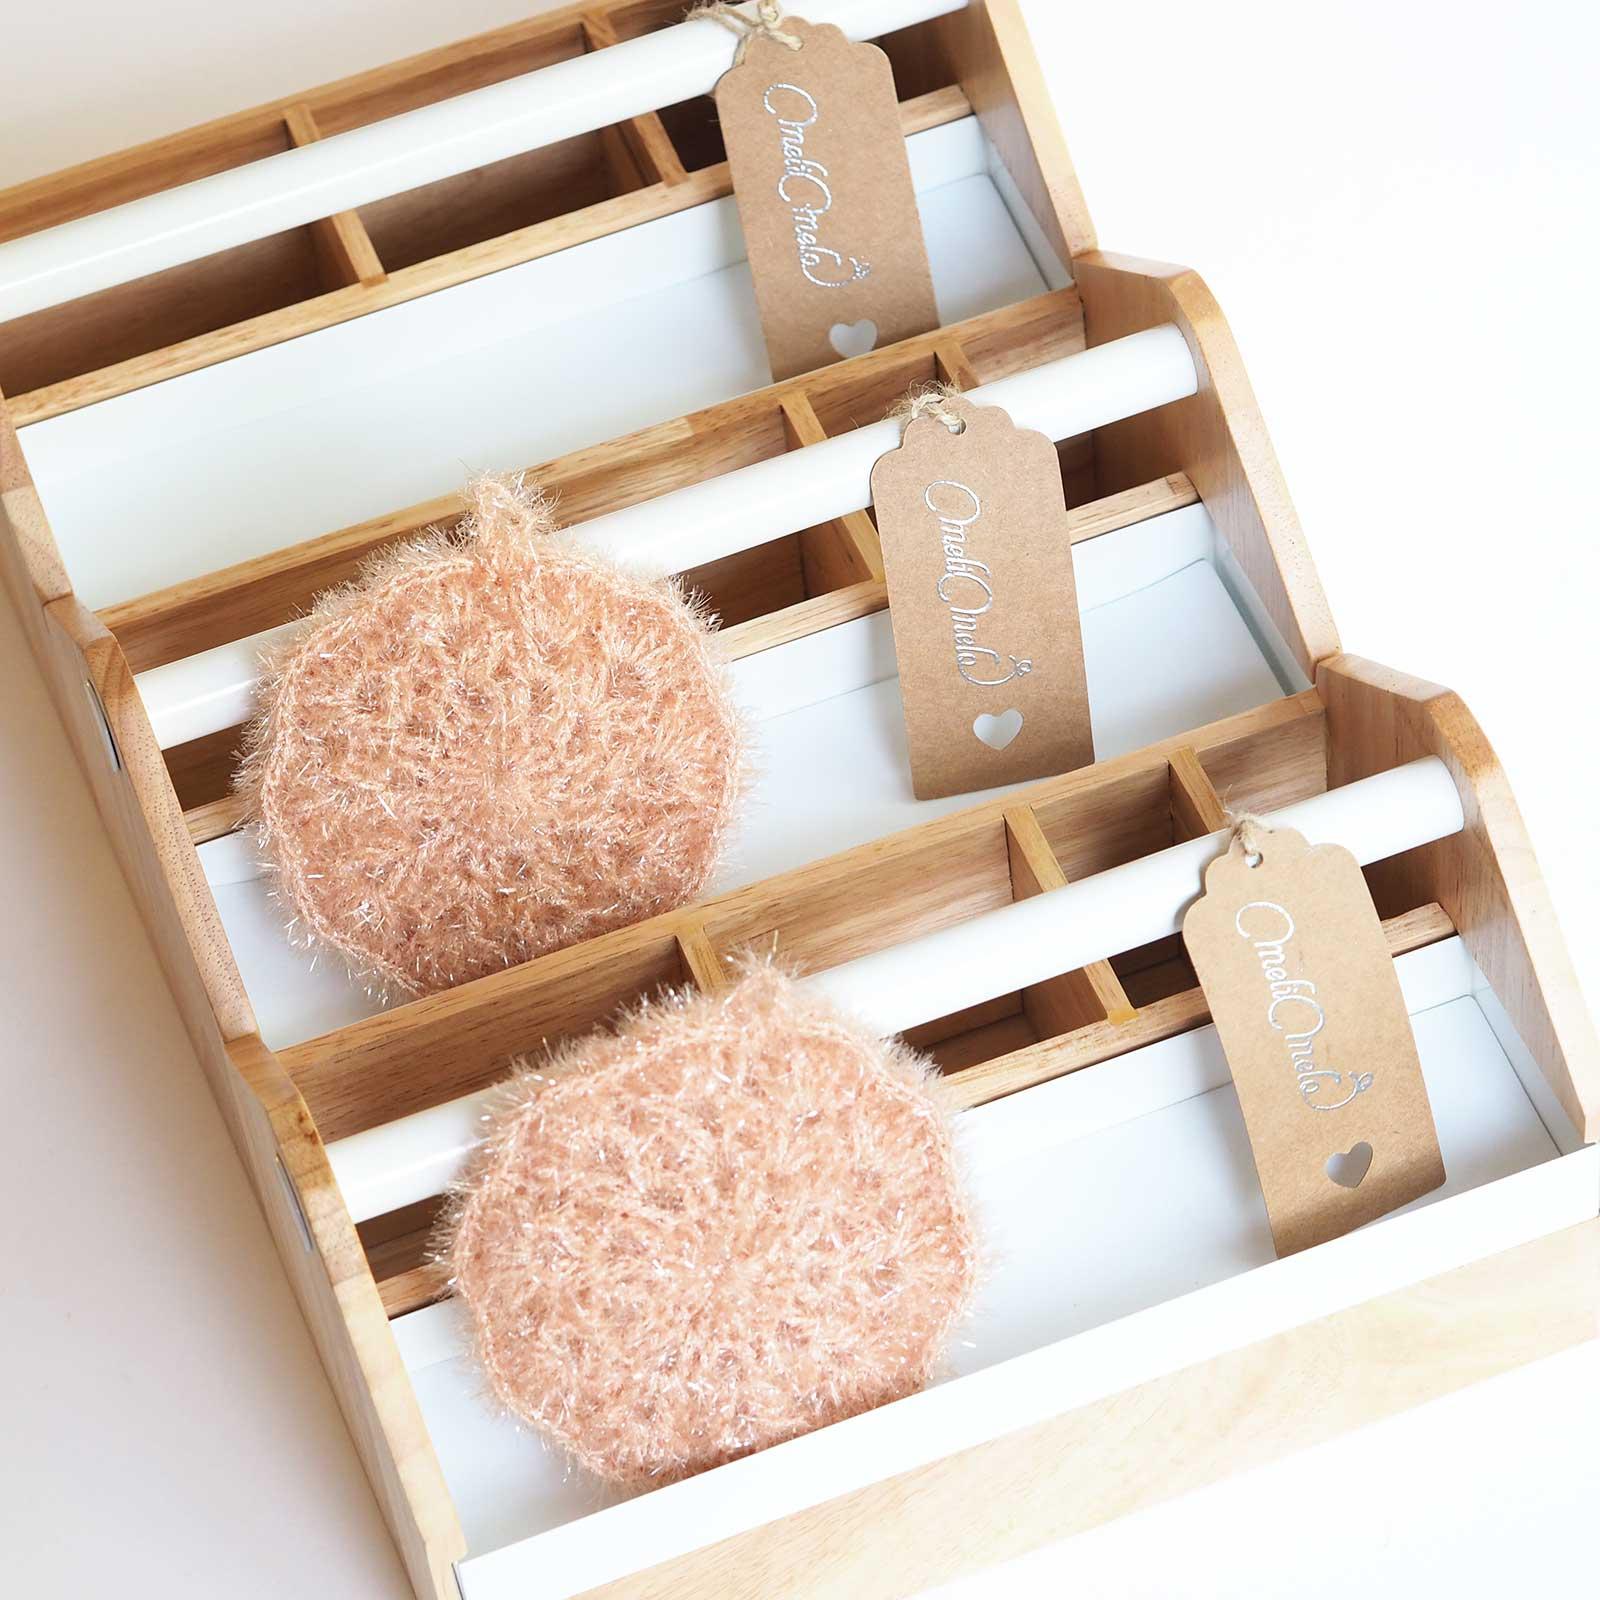 éponge tawashi fleur crochet creative bubble ricodesign boites rangement outils laboutiquedemelimelo